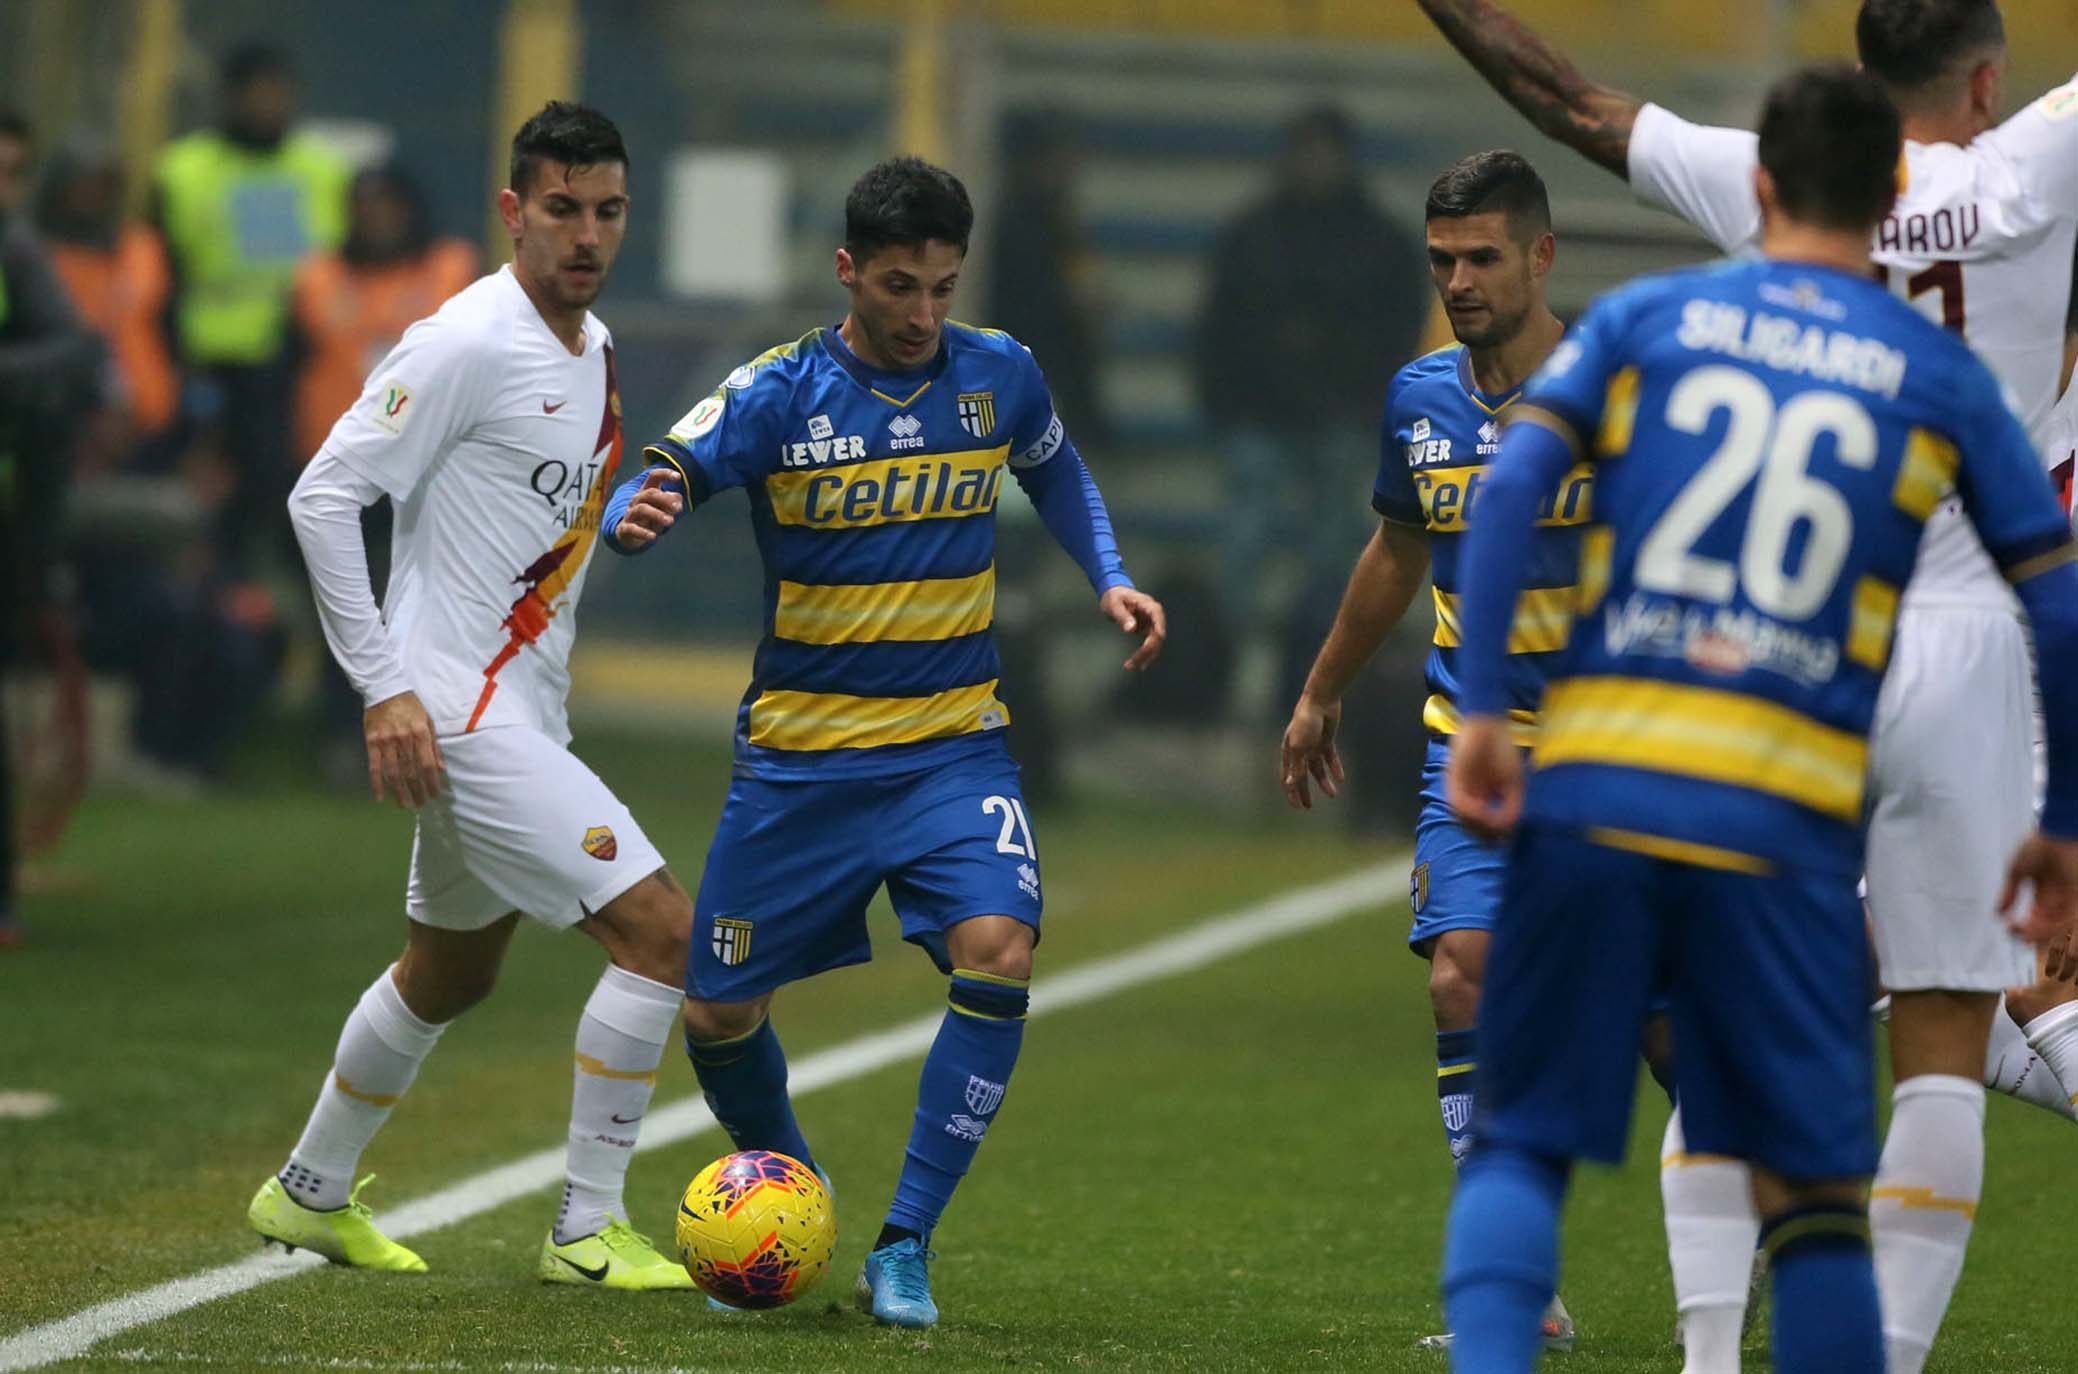 Diretta Roma-Parma: formazioni ufficiali